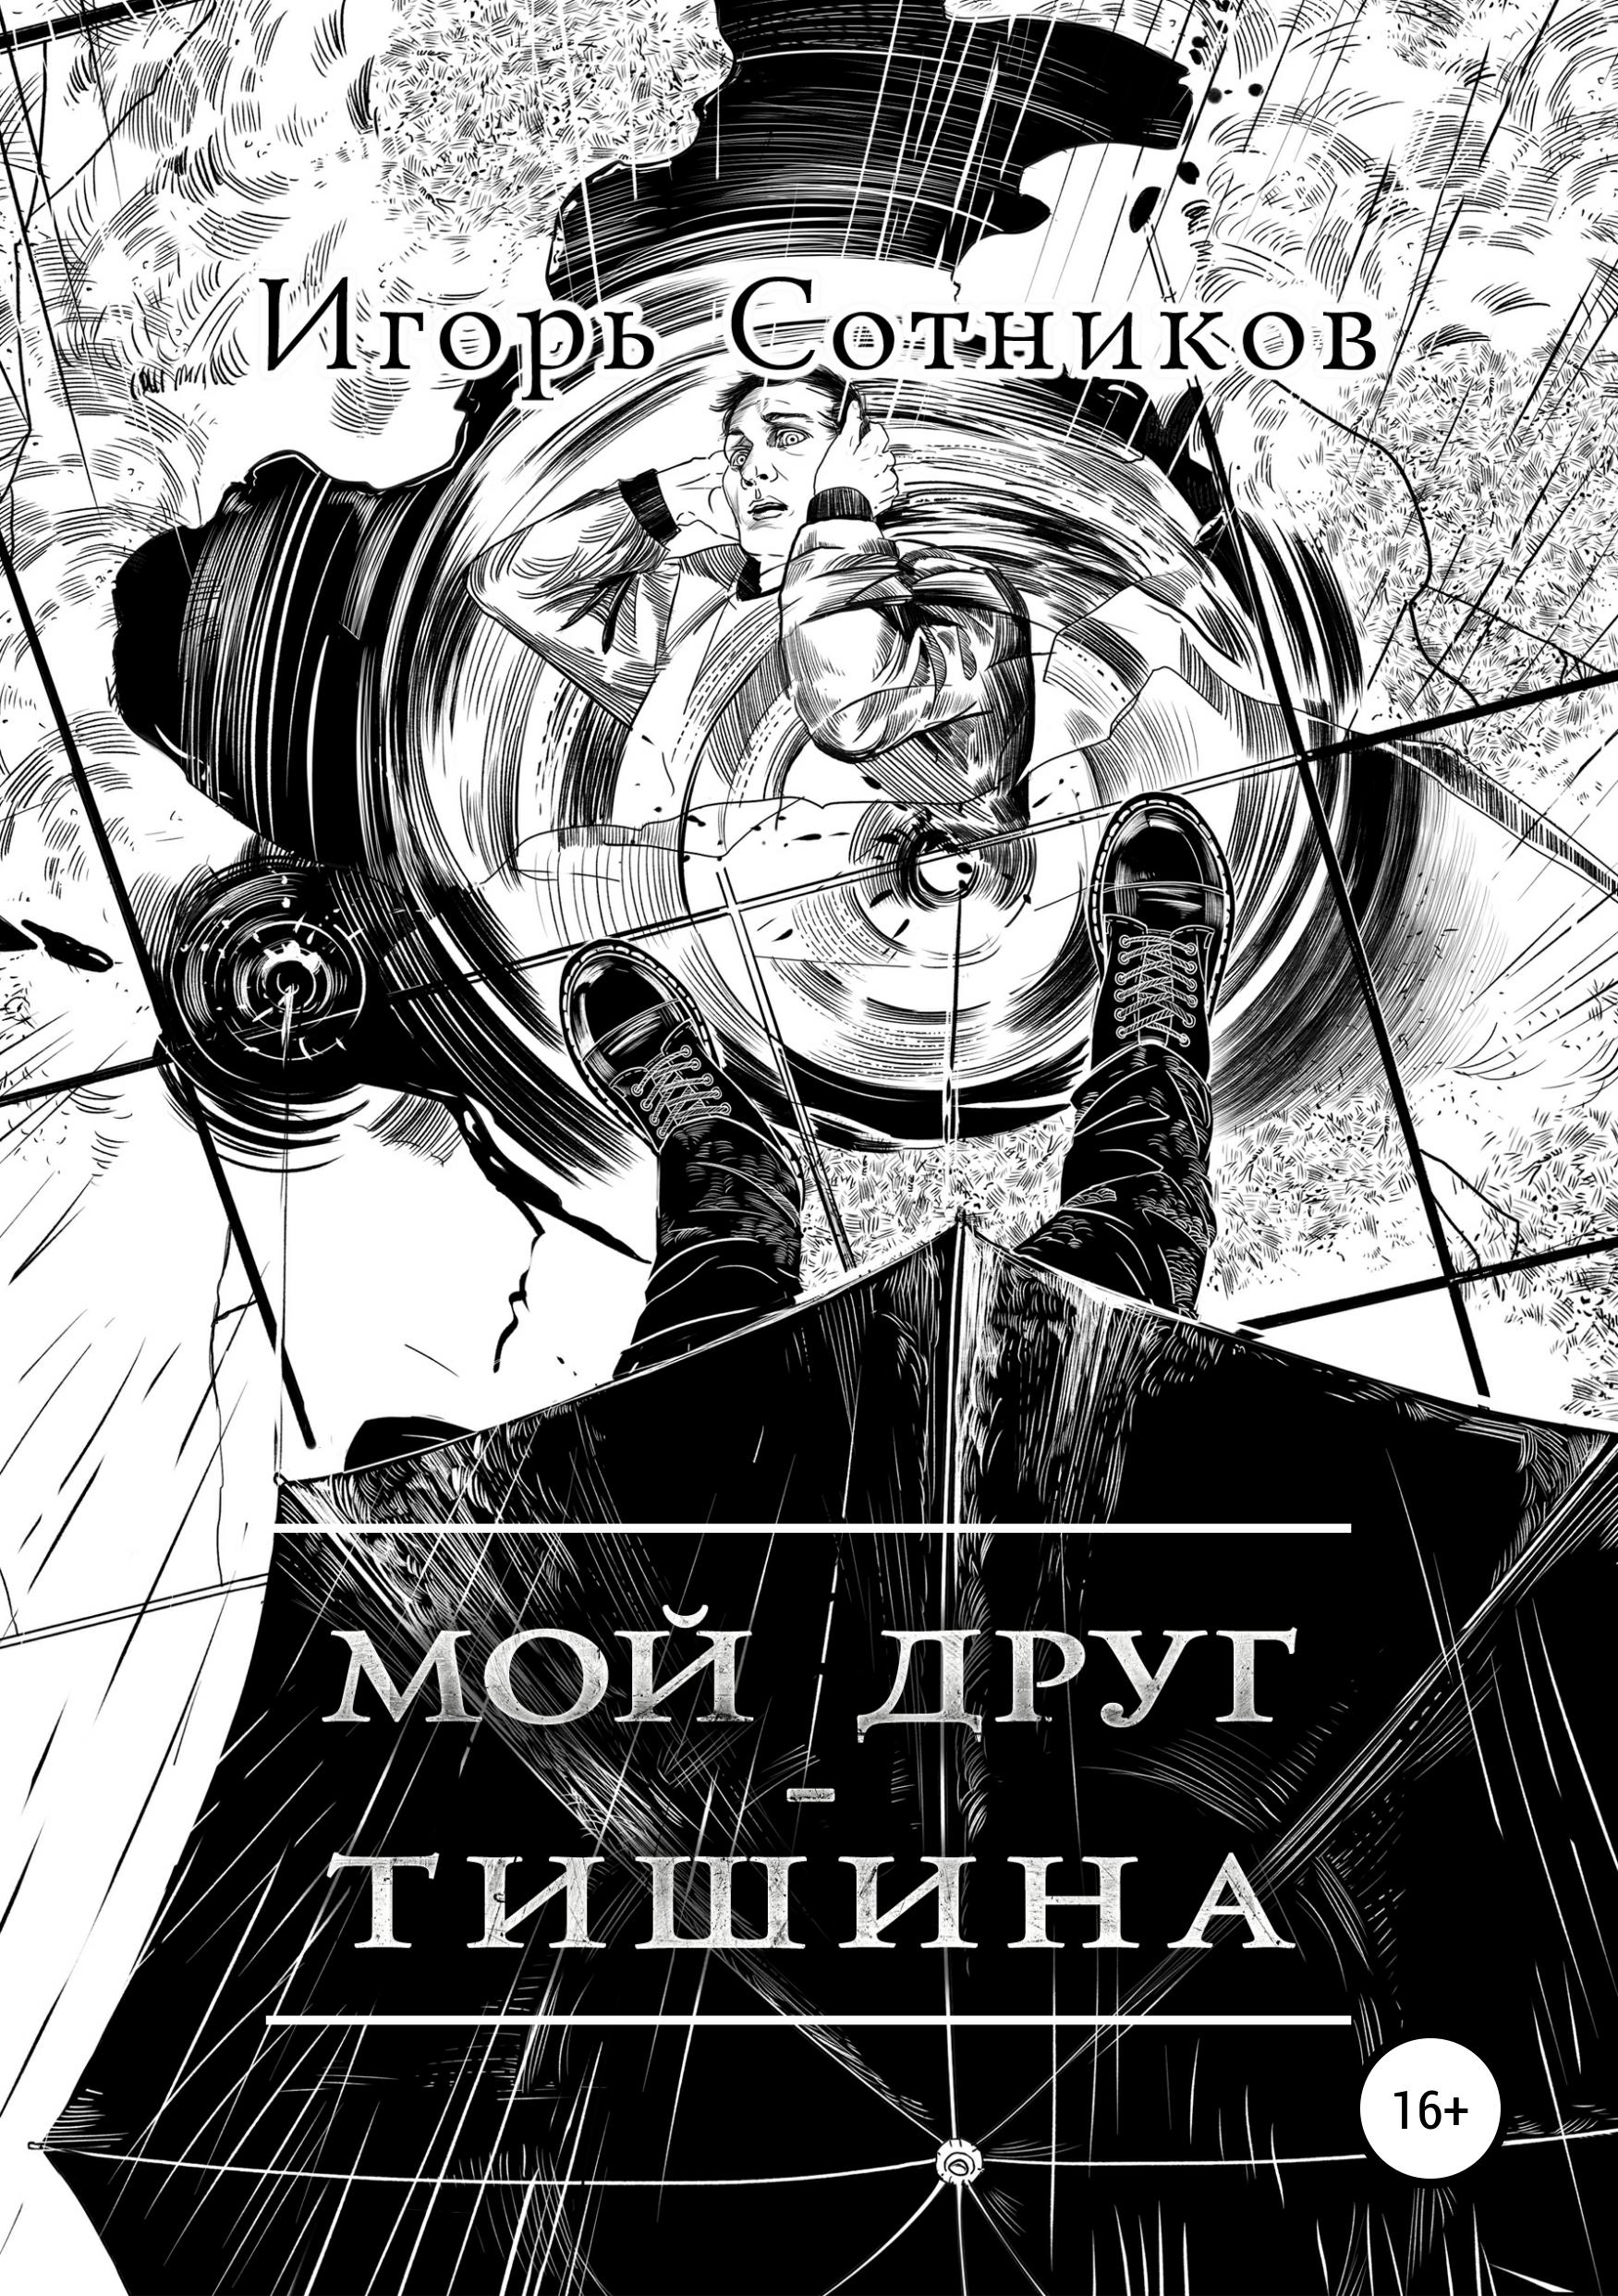 Купить книгу Мой друг– Тишина, автора Игоря Анатольевича Сотникова